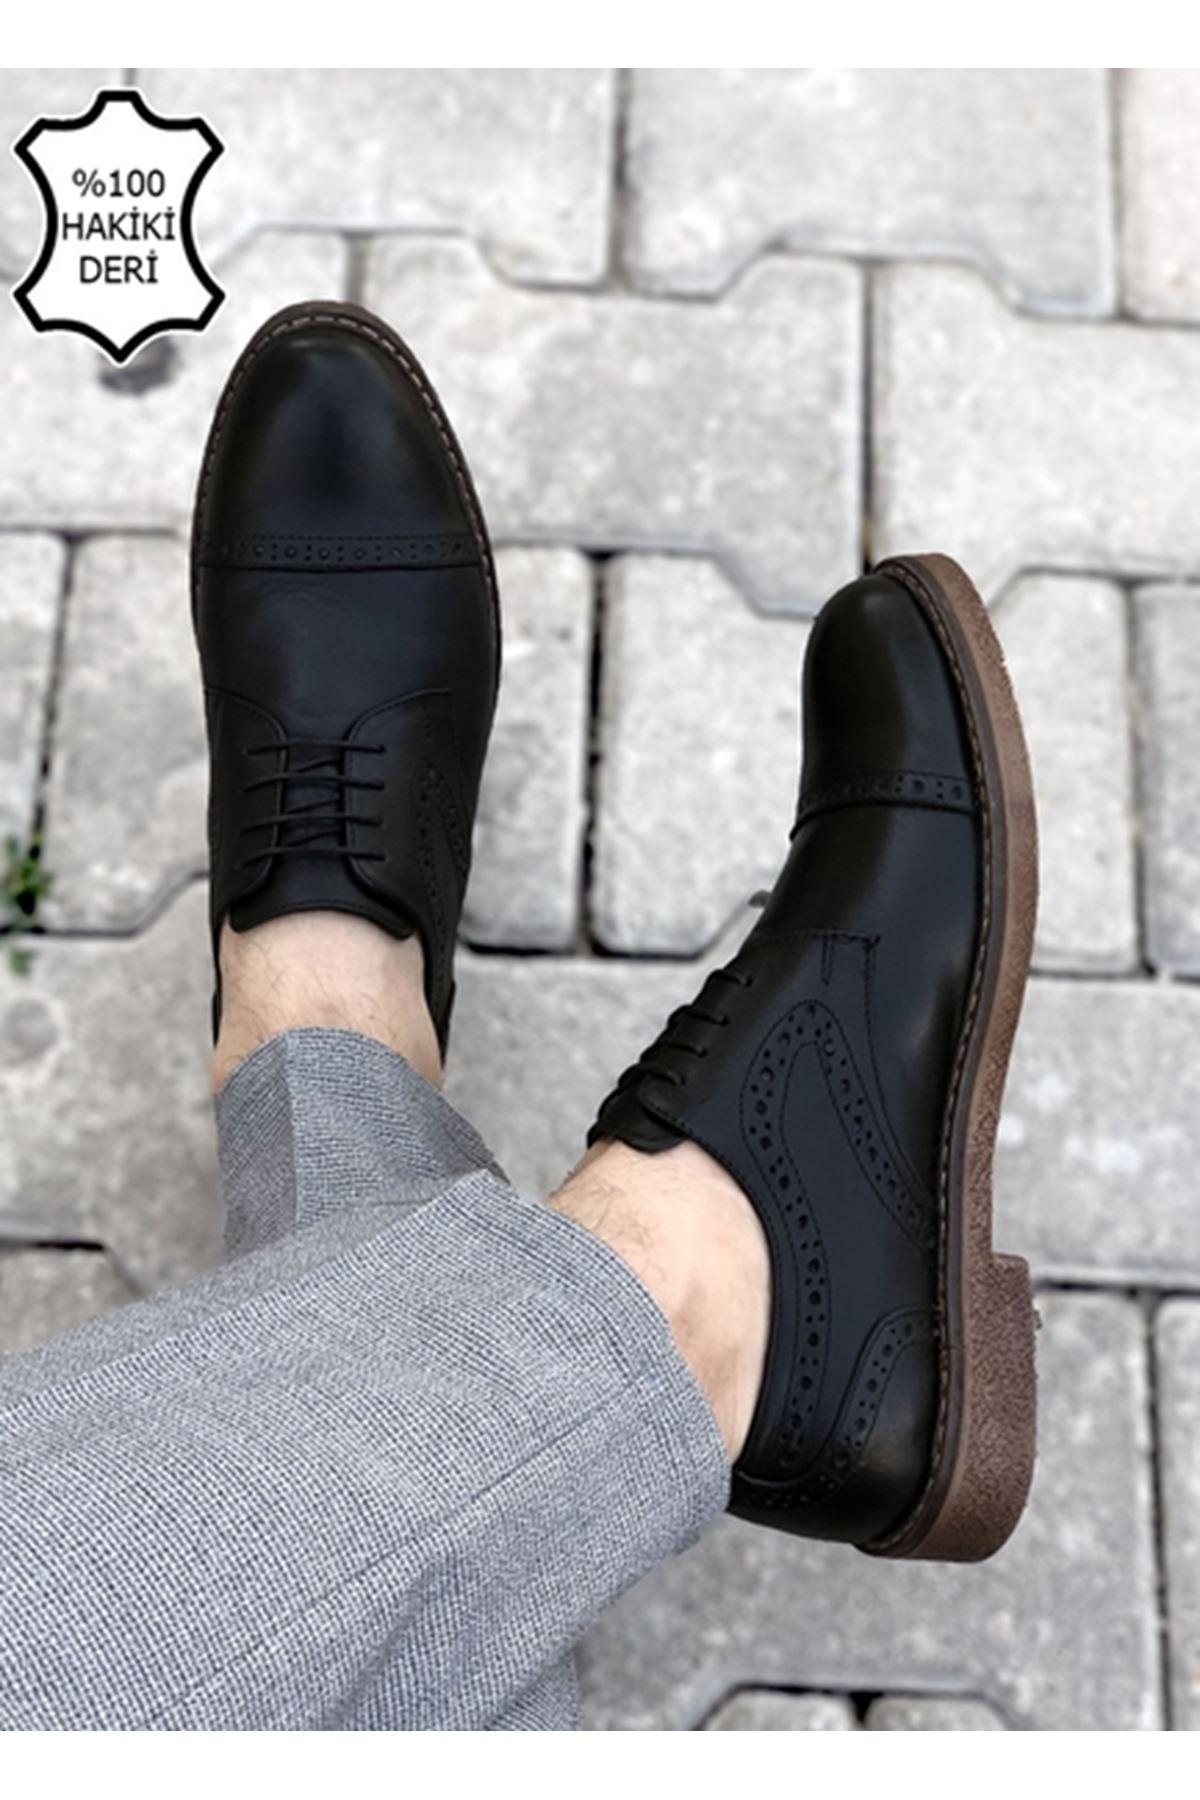 Boy Uzatan Siyah Hakiki Deri Desenli Erkek Klasik Ayakkabı